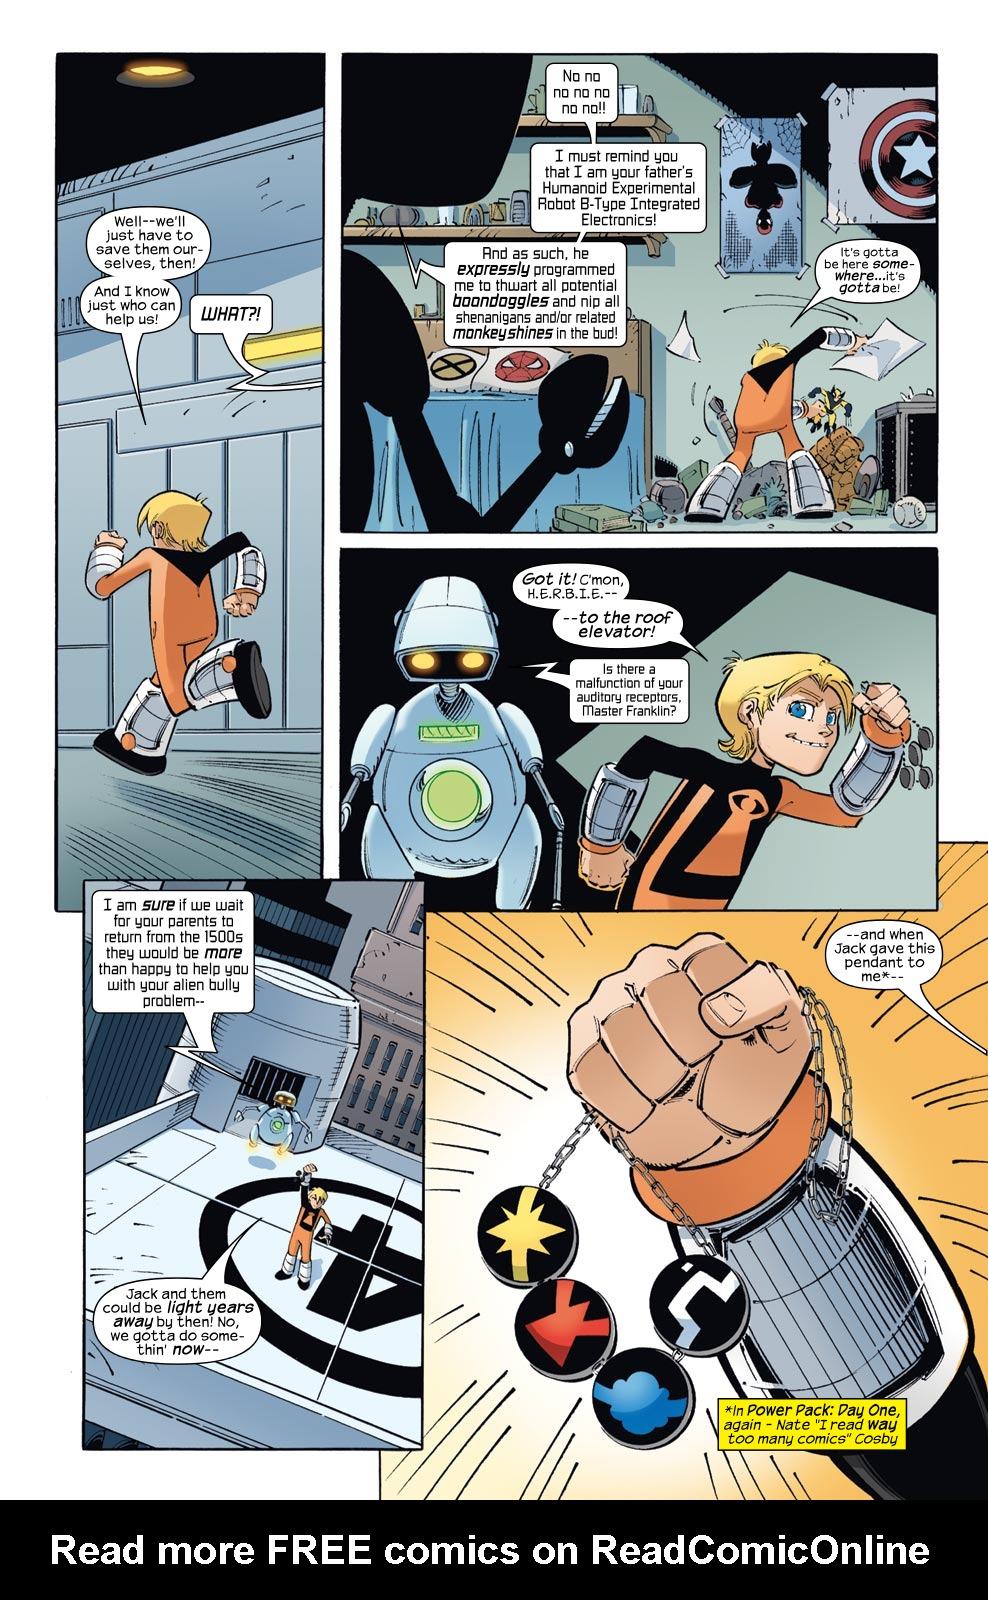 Read online Skrulls vs. Power Pack comic -  Issue #1 - 18